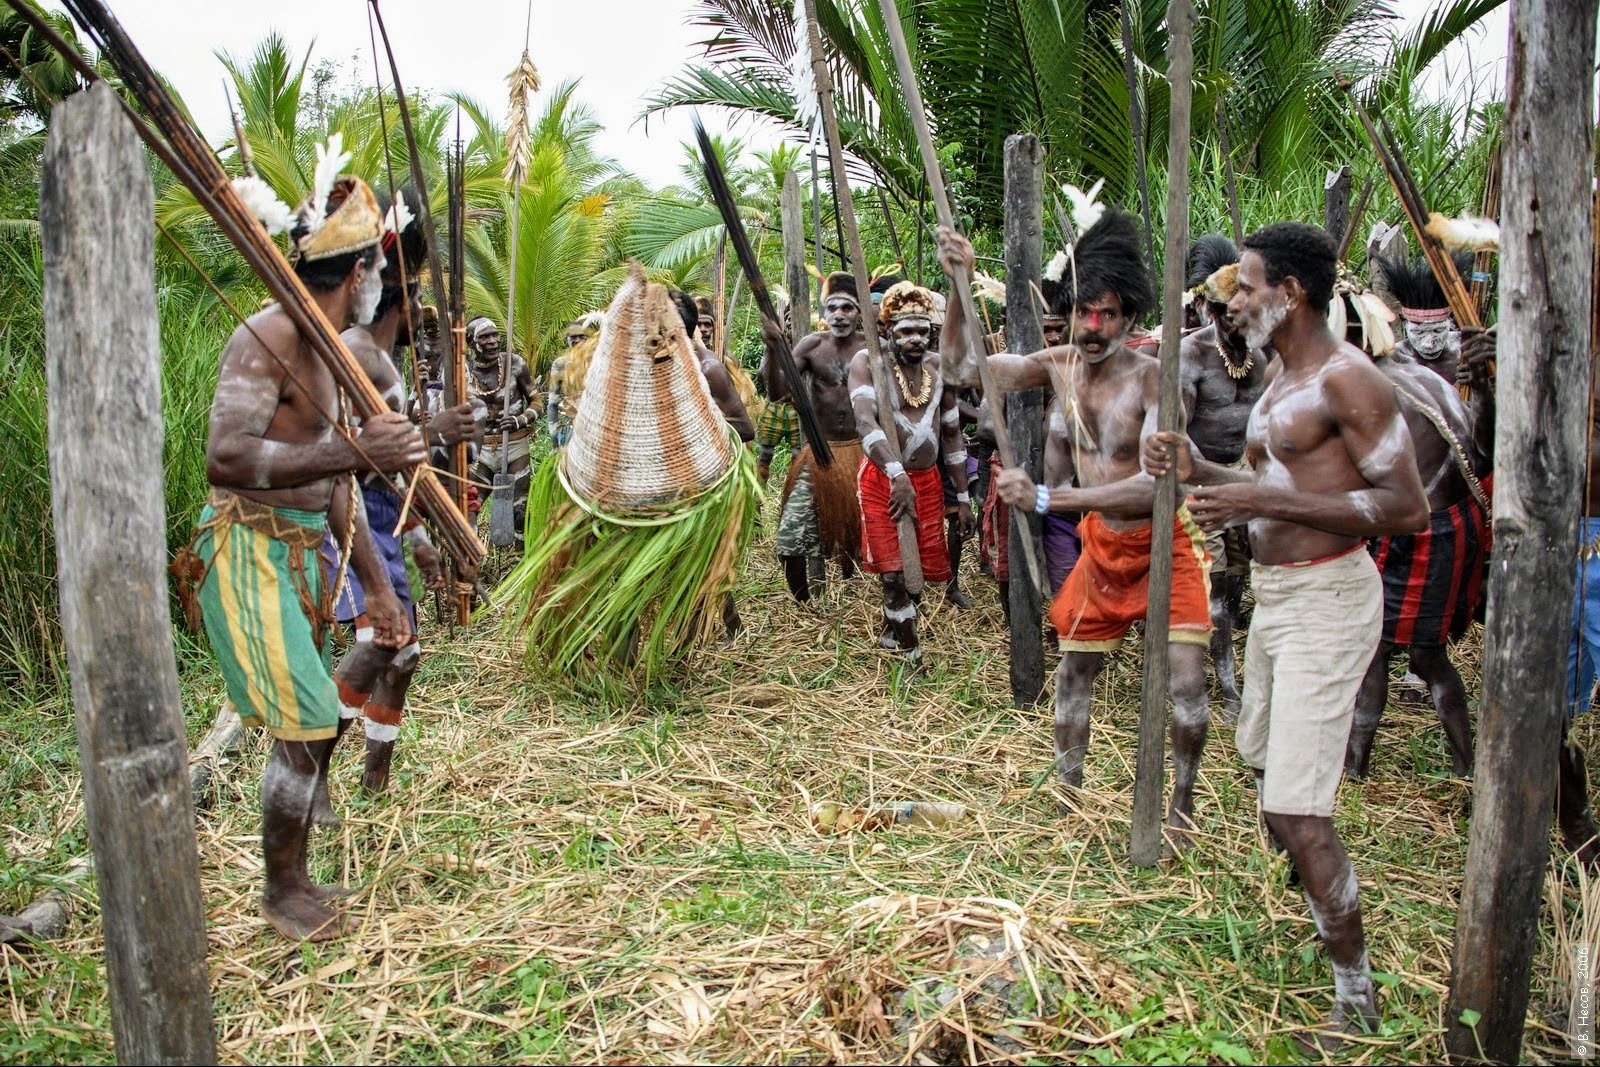 Putovanje Indonezija - Papua - Festival i treking u dolini Baliem (9)